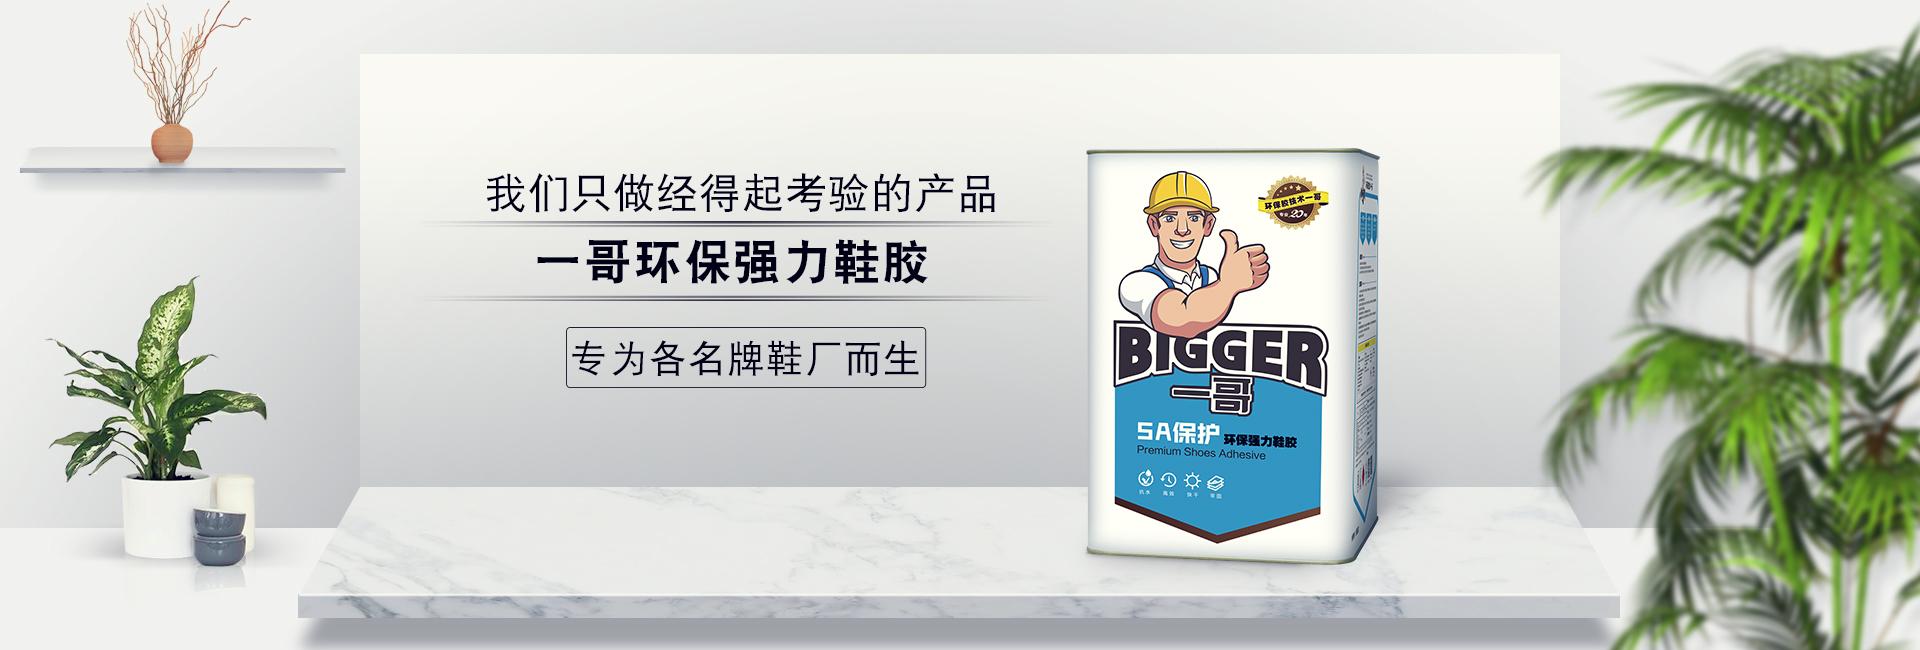 处理剂架构之一哥处理剂惠州市场对比报告